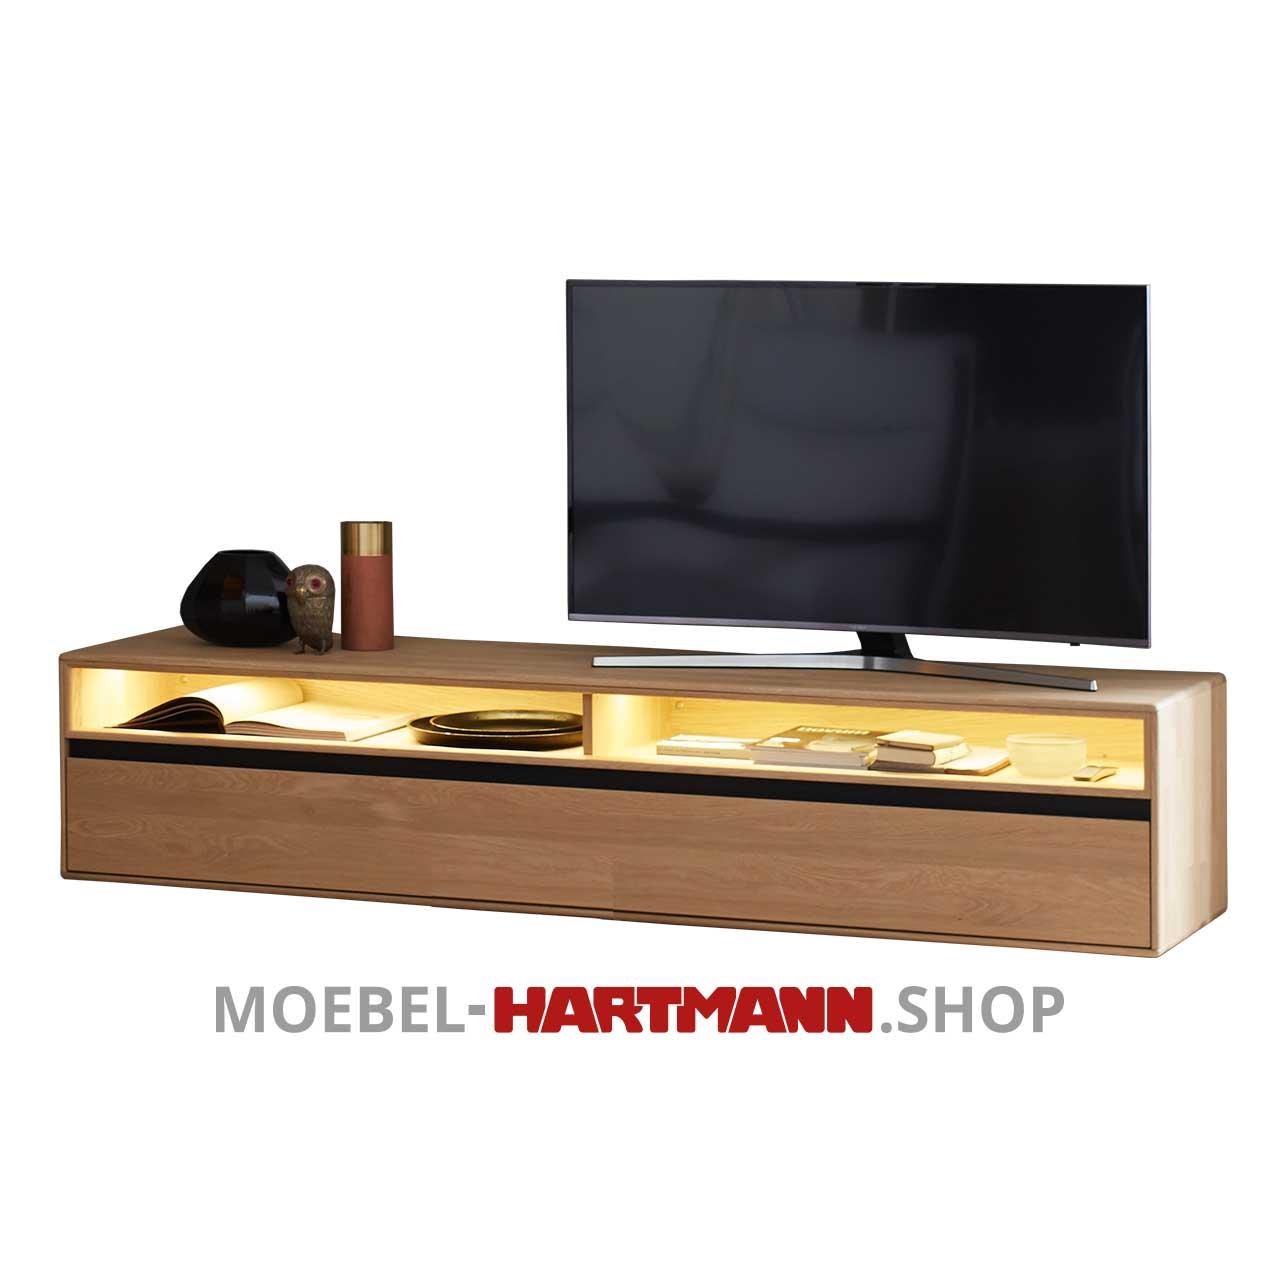 Hartmann Schöner Wohnen Kollektion Craft 9150 - Lowboard